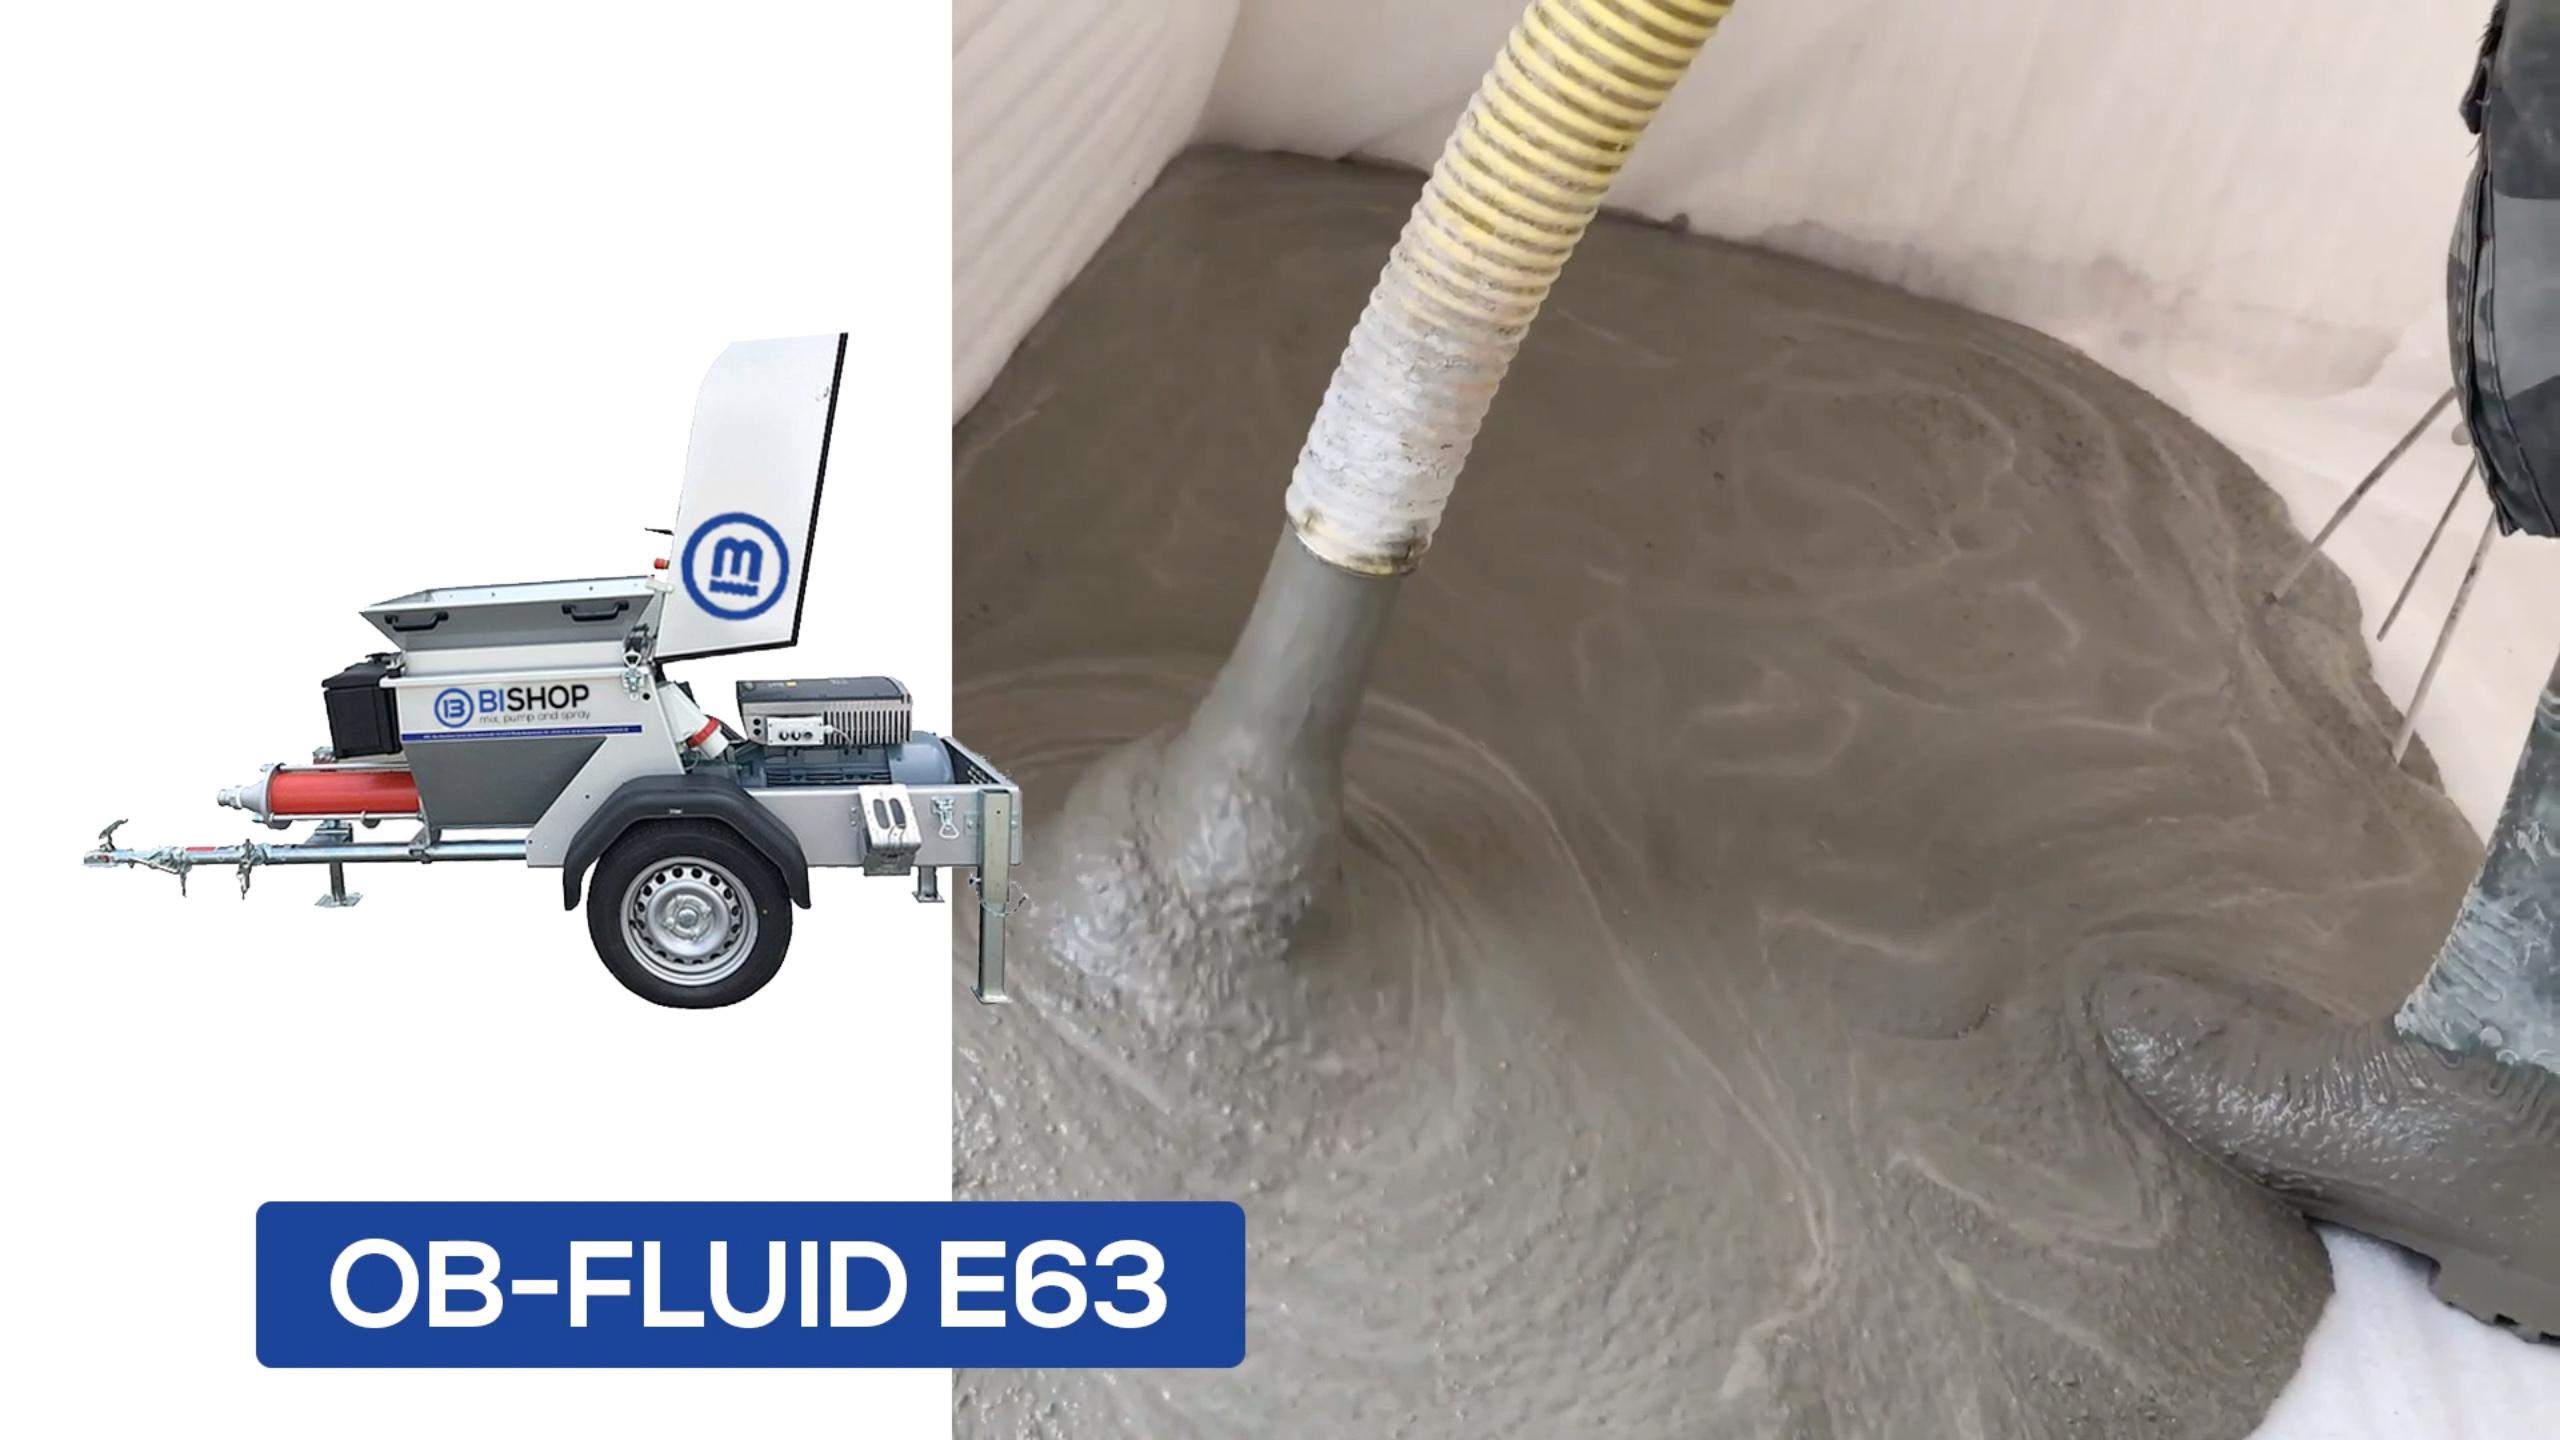 Miniatura de video de soladora ob-fluid e63